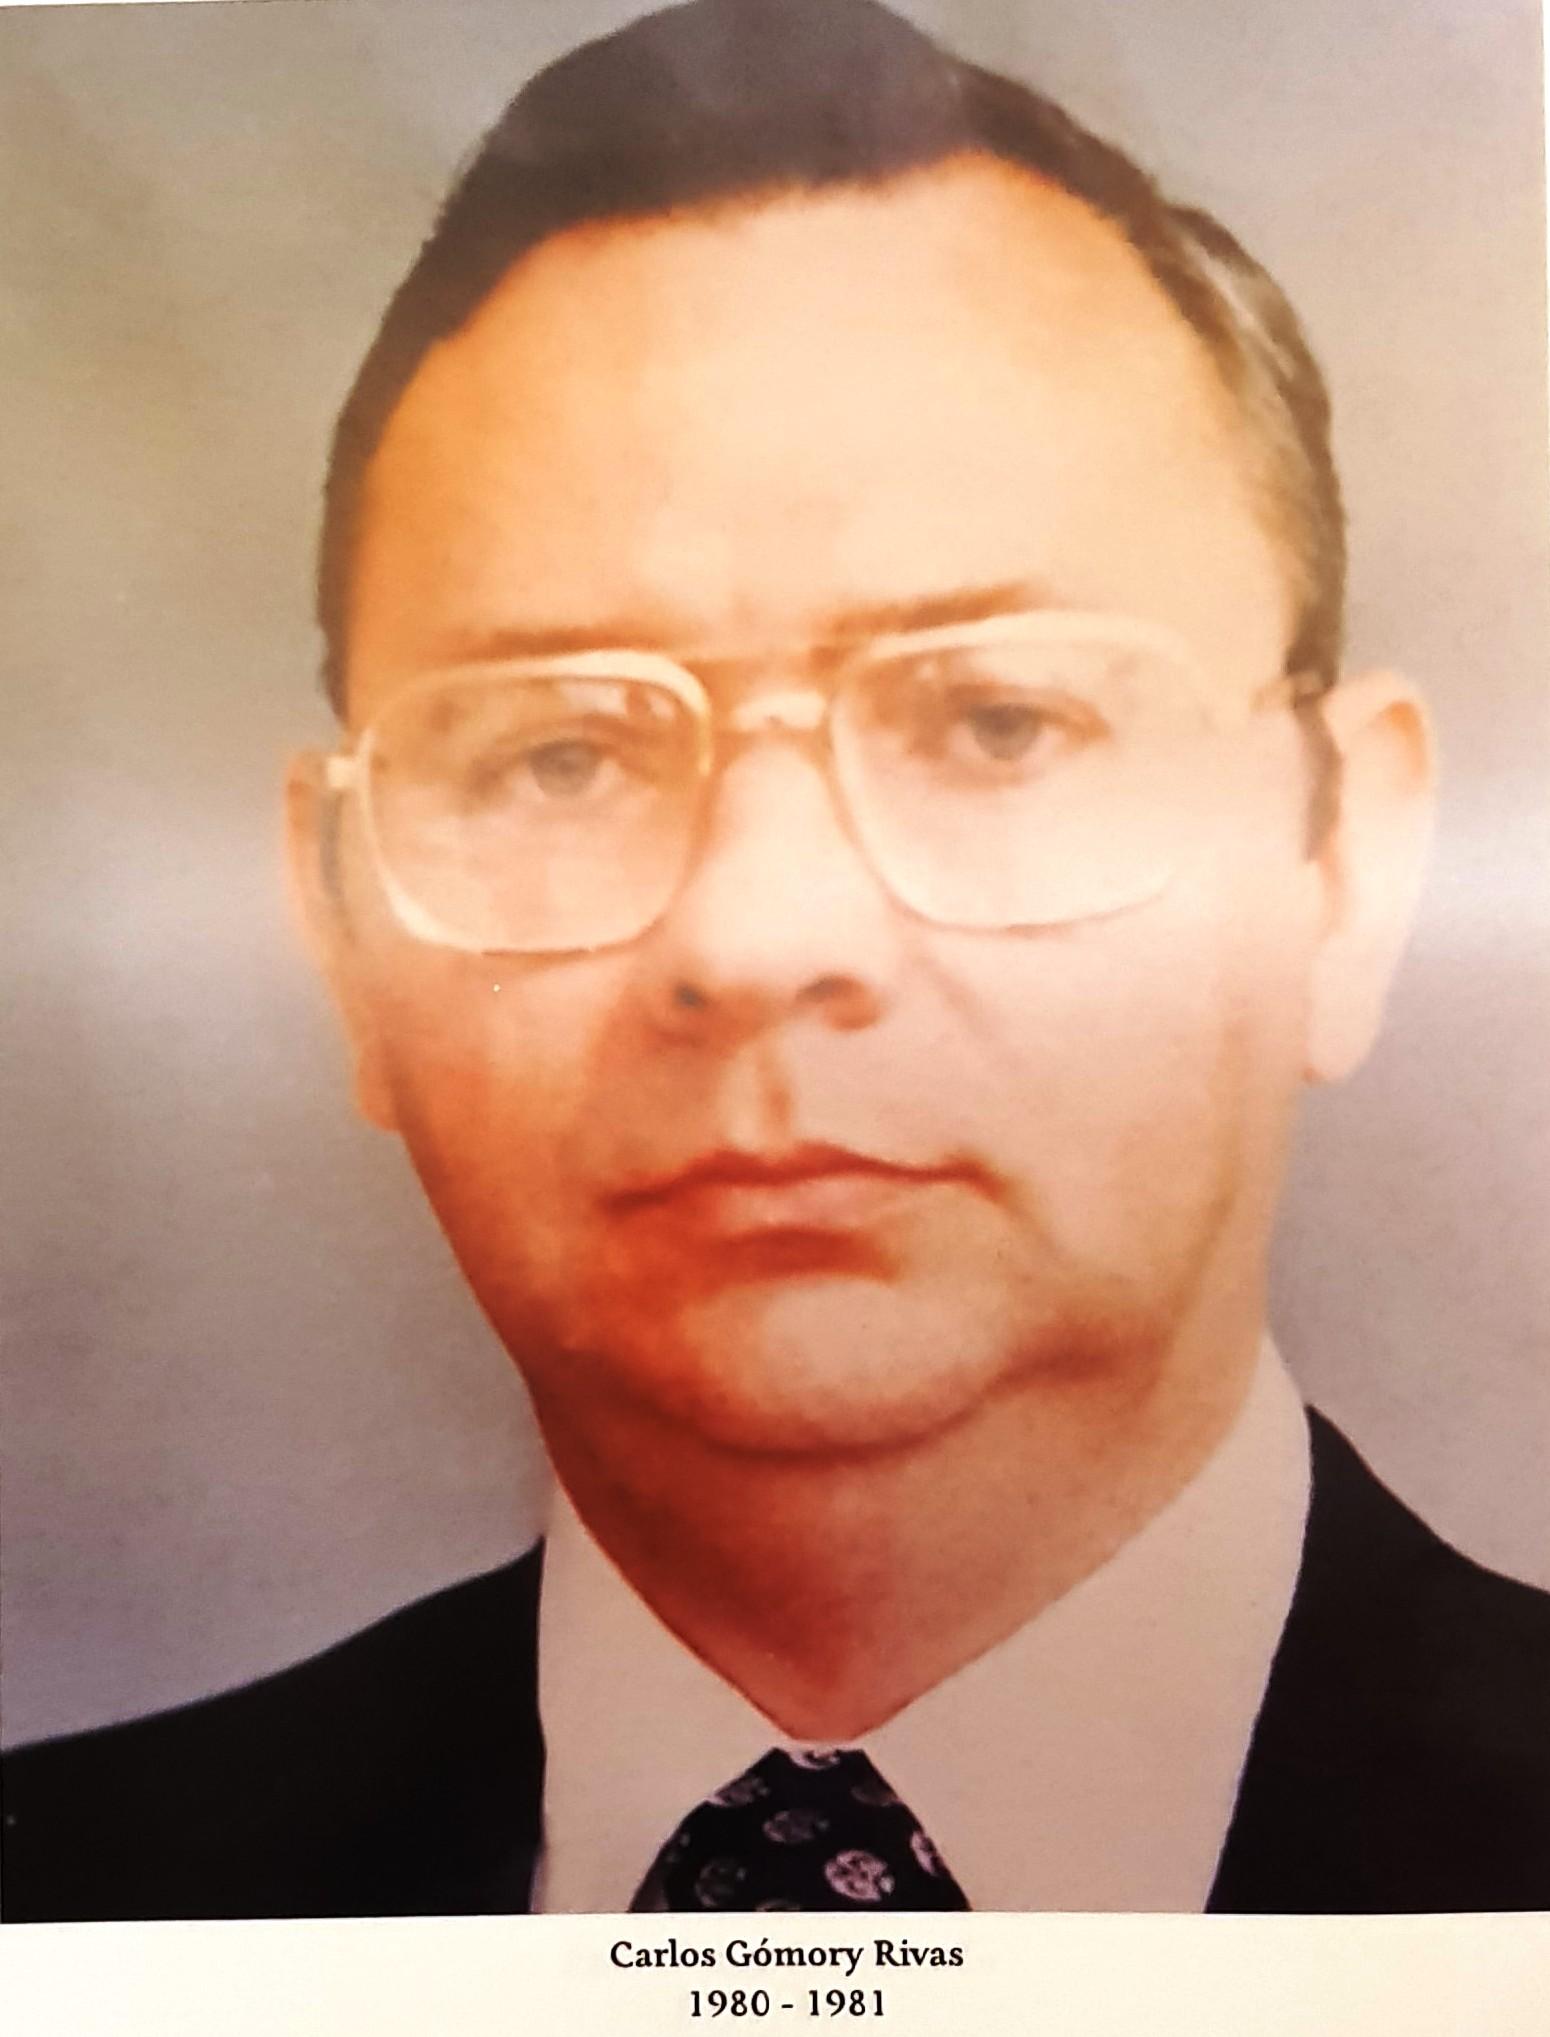 PRESIDENTE DE COPARMEX SR. CARLOS GÓMORY RIVAS